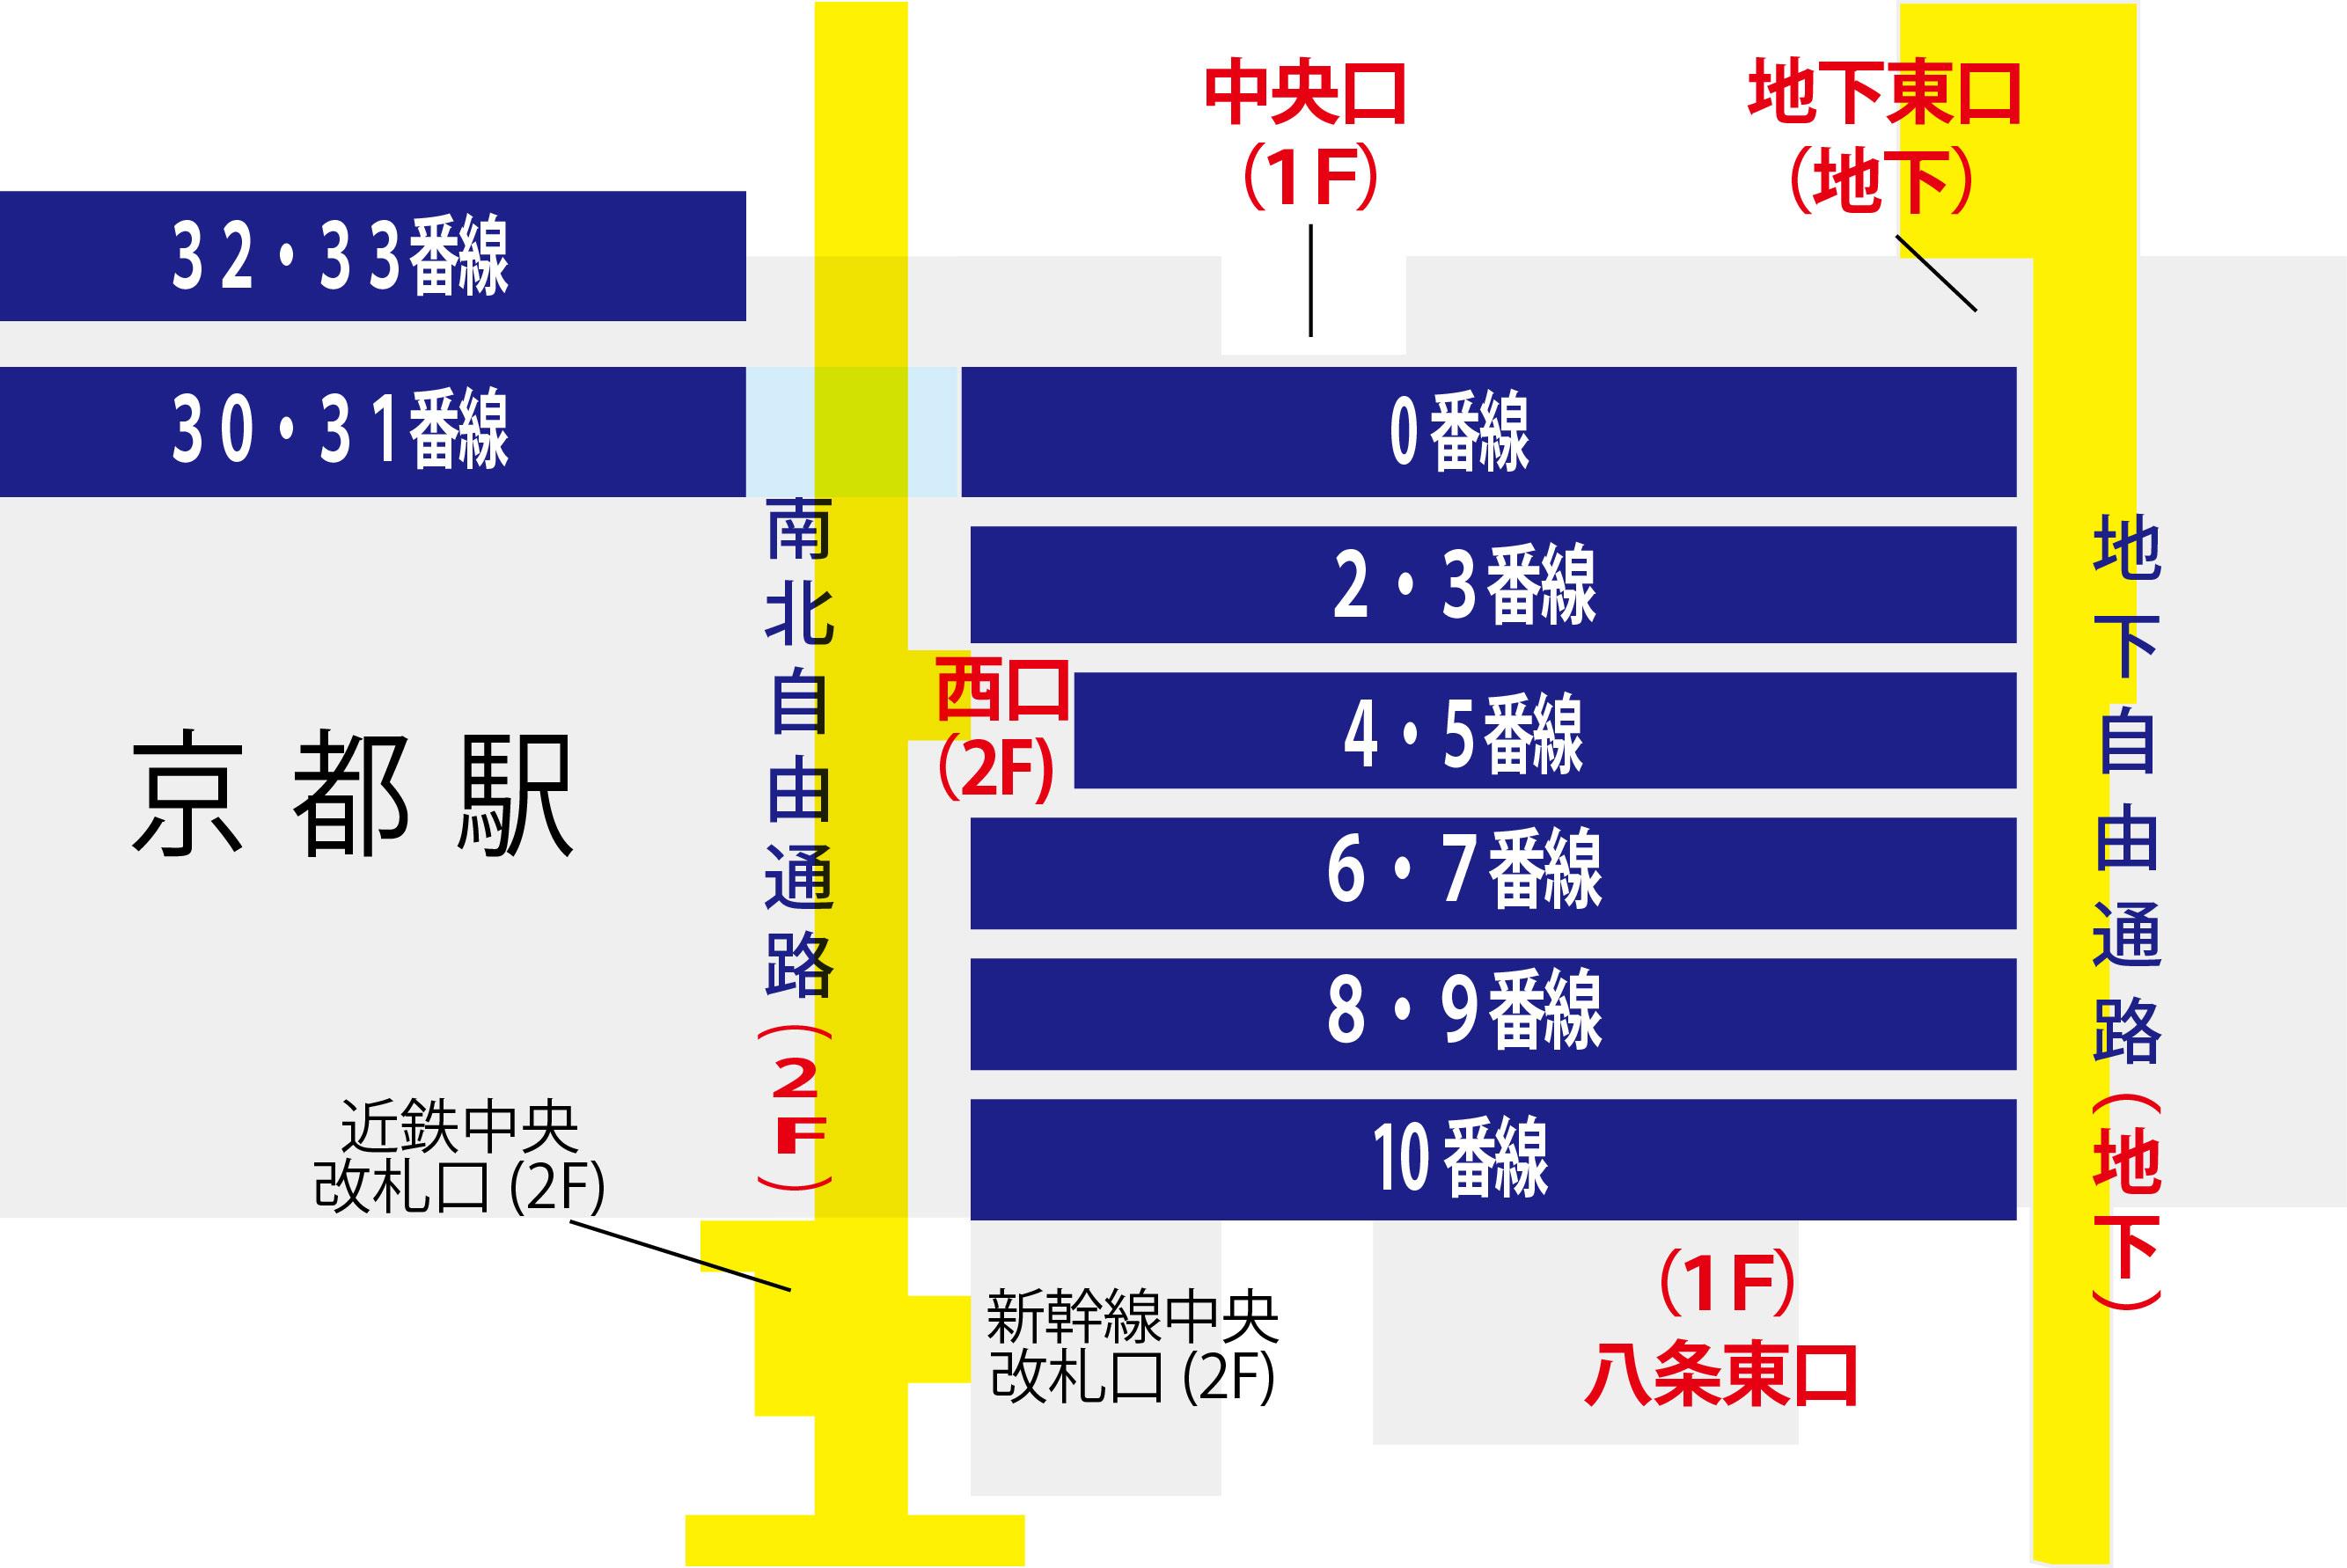 %e3%83%97%e3%83%a9%e3%83%83%e3%83%88%e3%83%9b%e3%83%bc%e3%83%a0